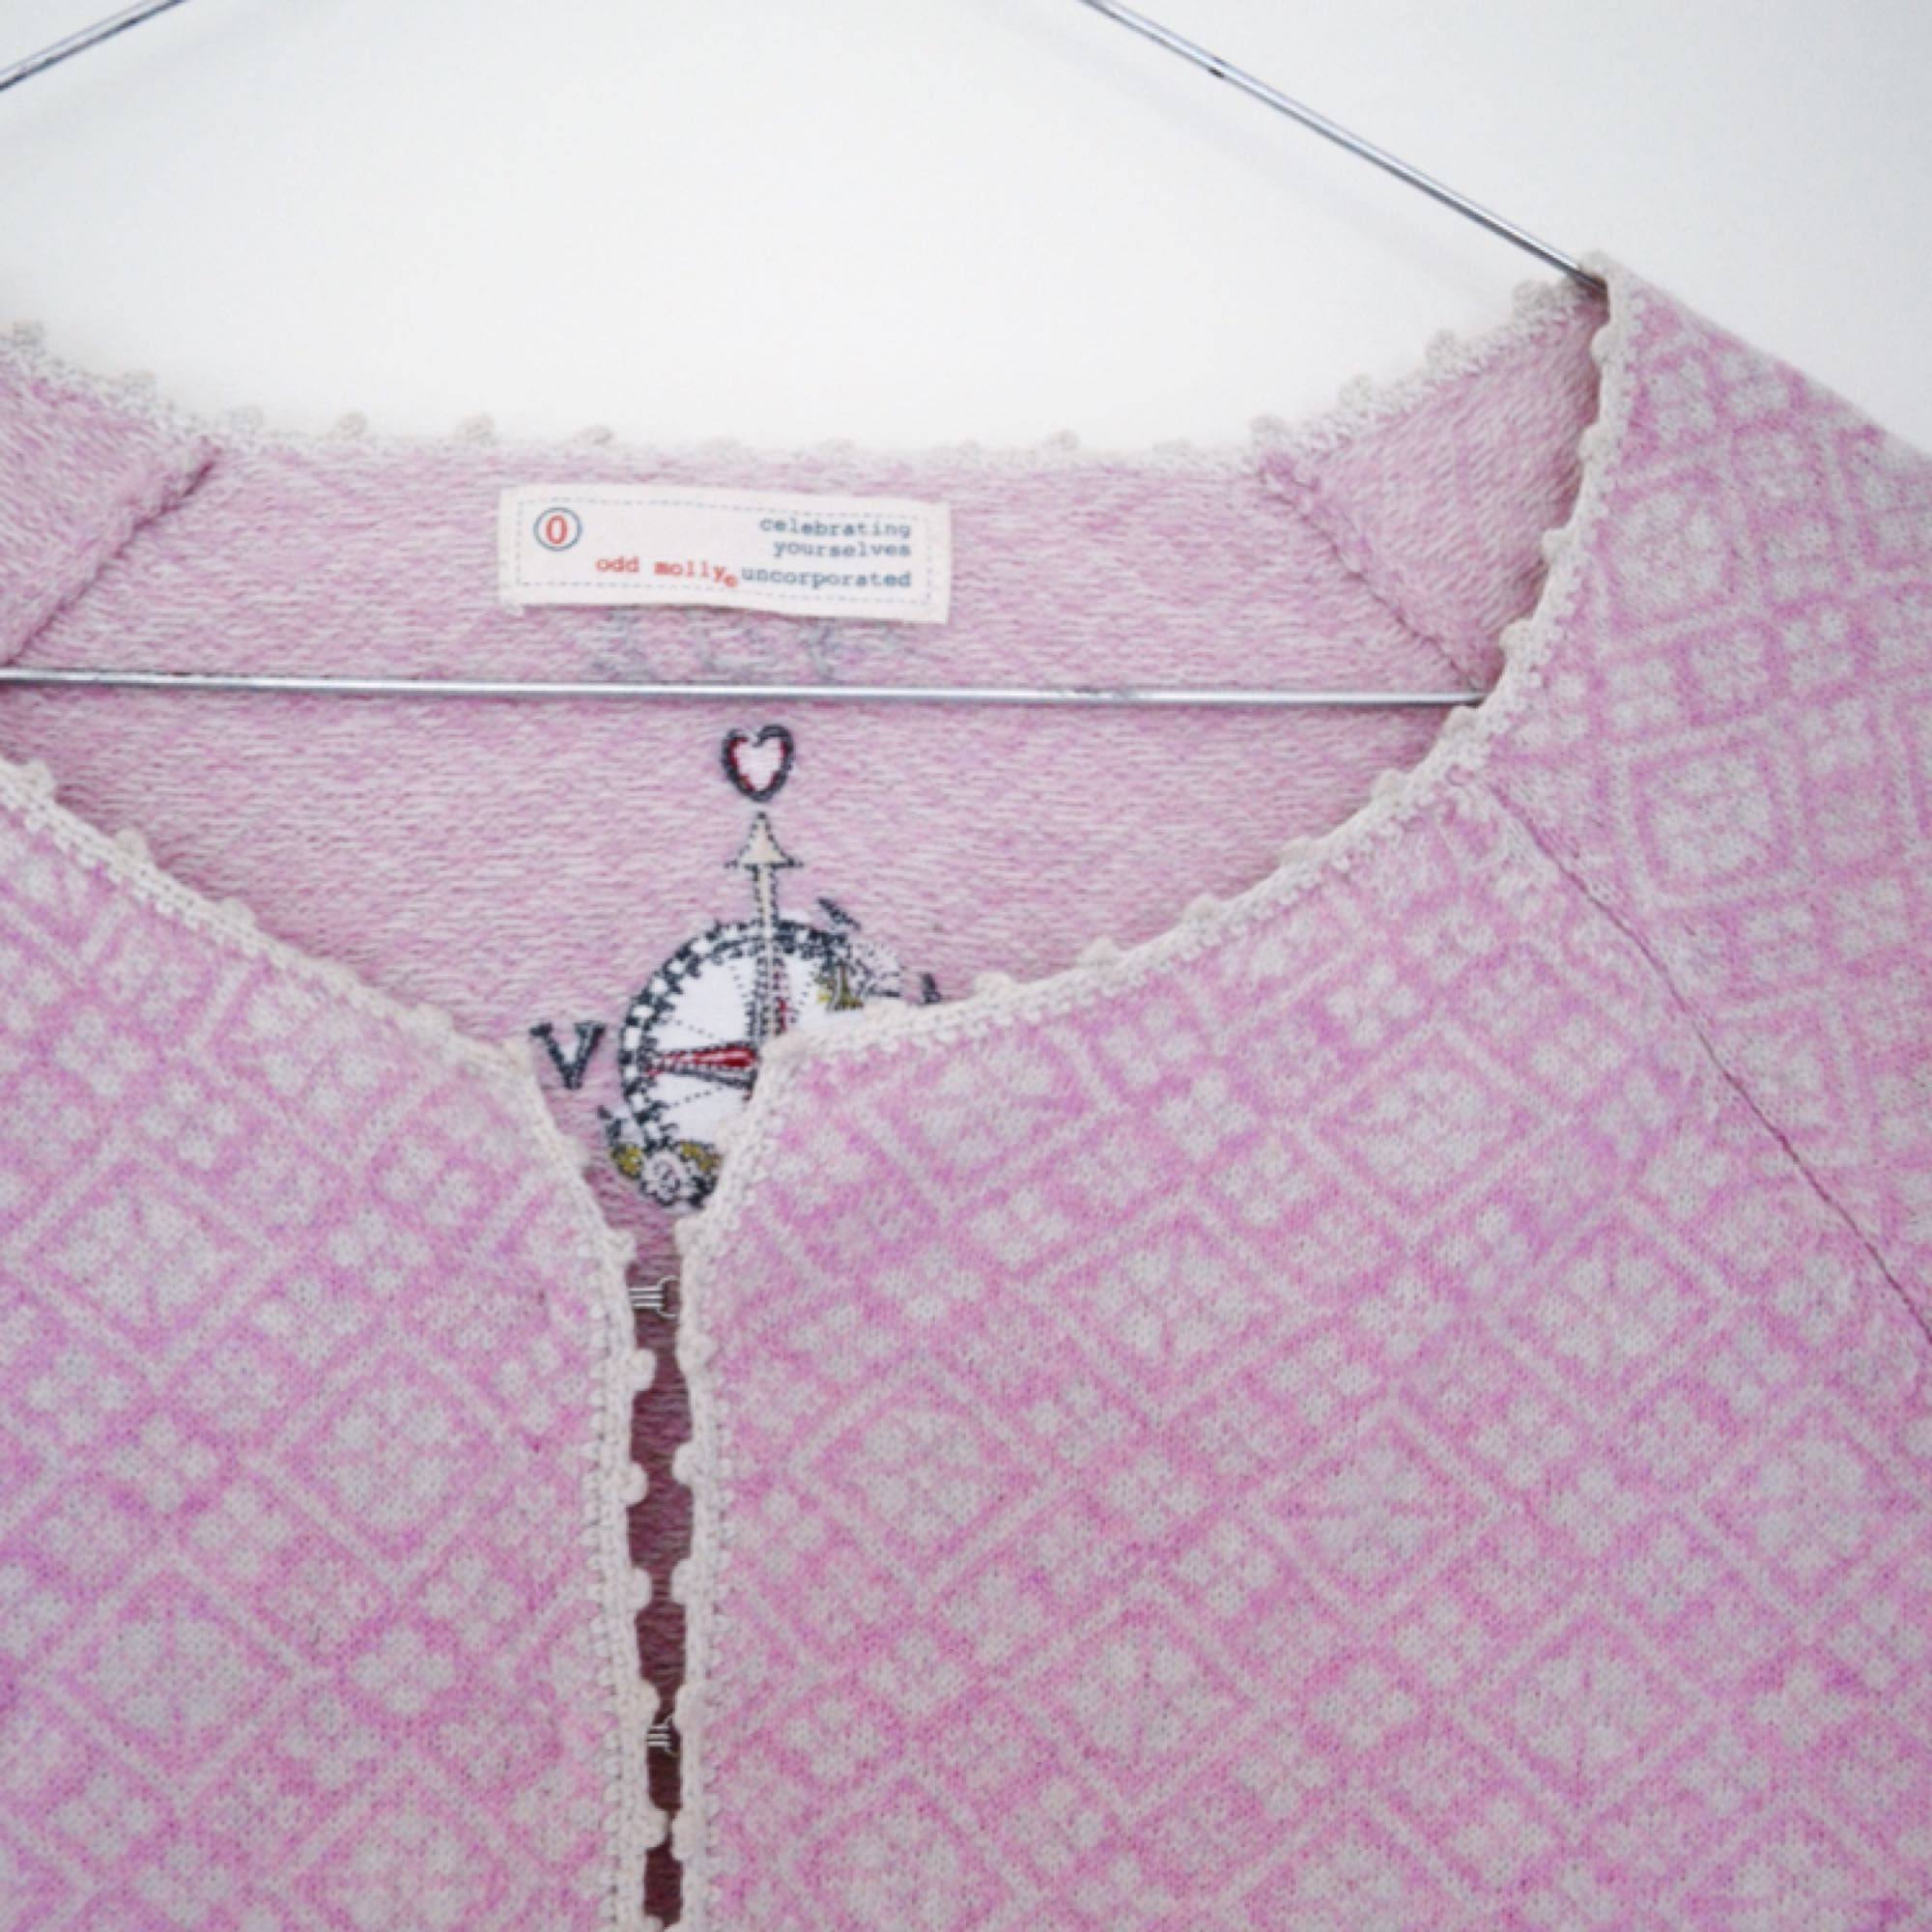 Superfin Odd Molly tröja i ull, knappt använd. Storleken motsvarar xs. Kan skickas mot avgift eller mötas upp i Stockholm. . Tröjor & Koftor.